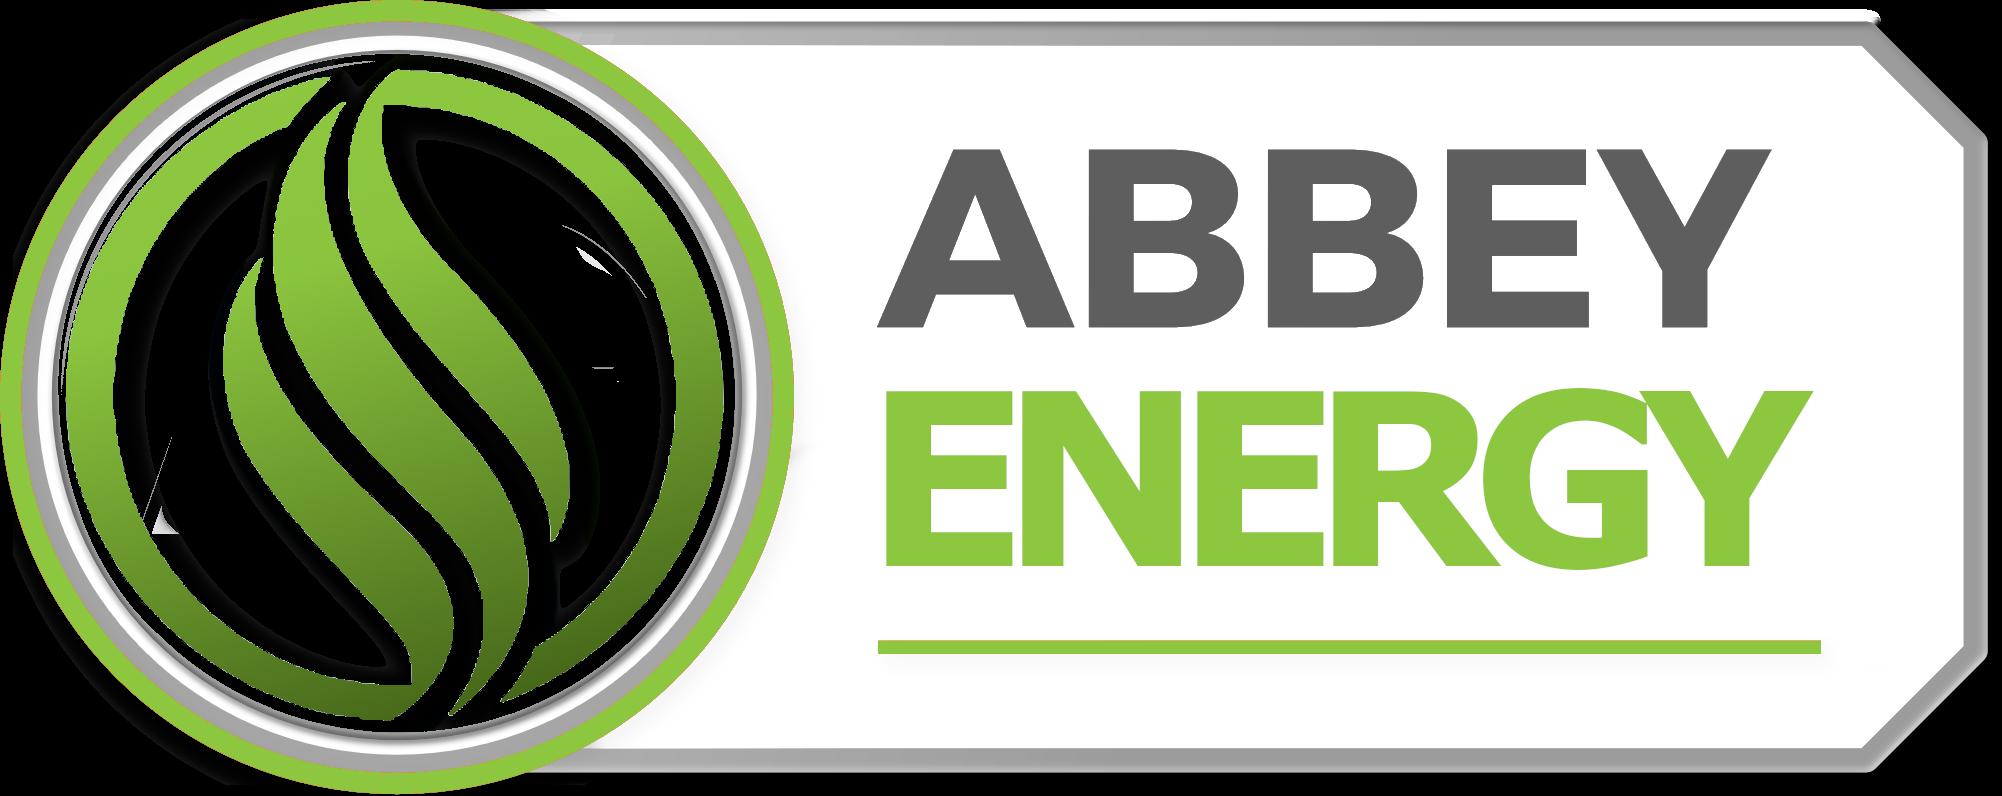 Abbey Energy